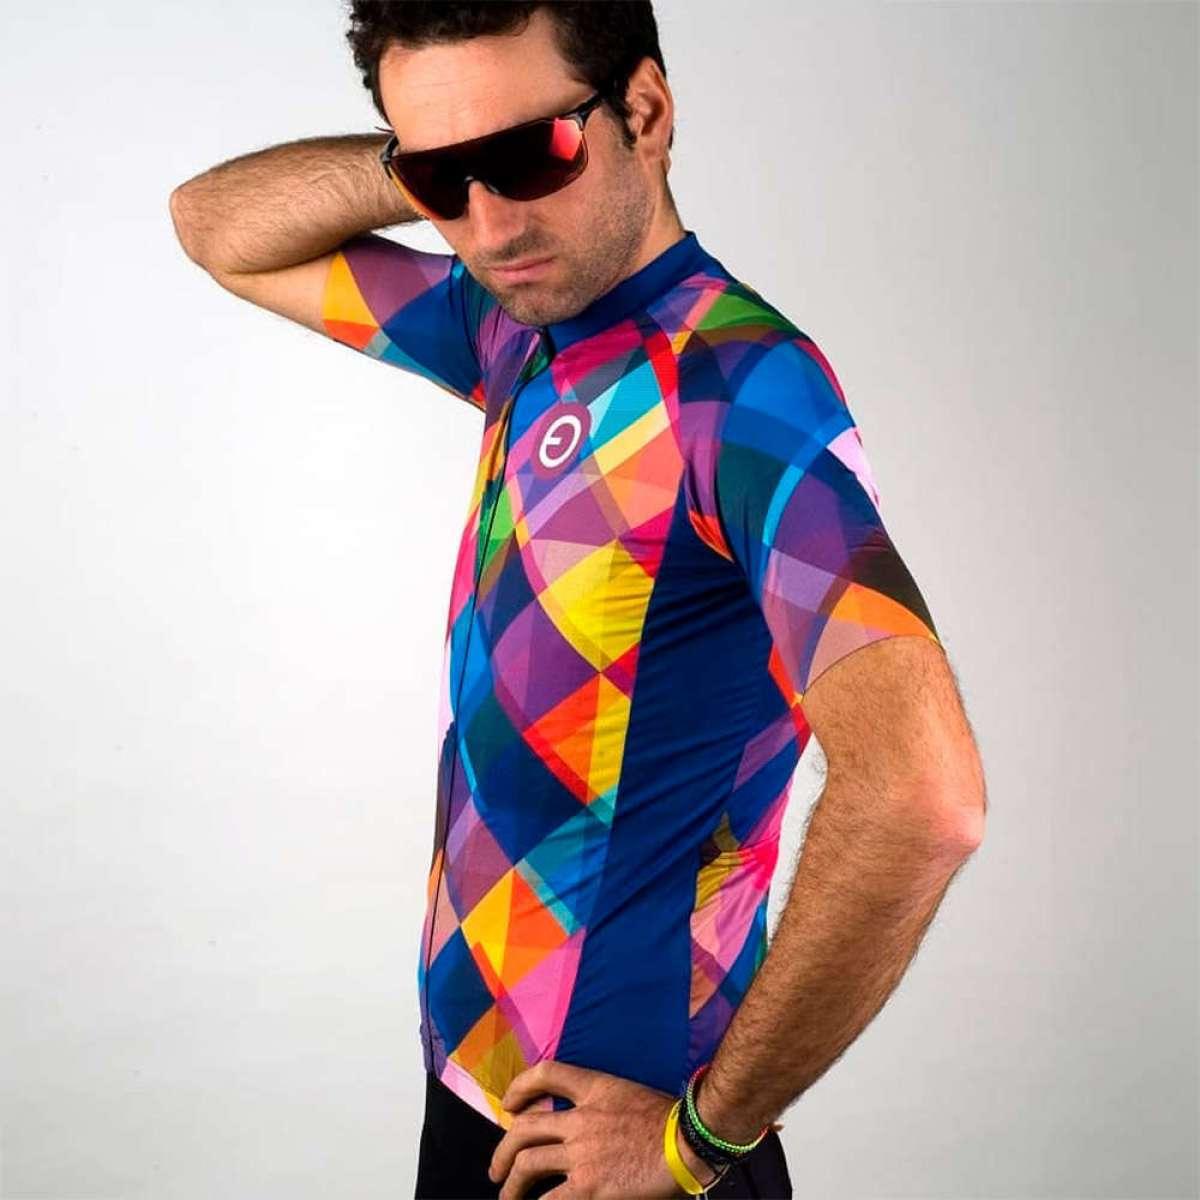 El Tío del Mazo presenta la gama de maillots Air: tejidos ultraligeros con diseños muy atrevidos